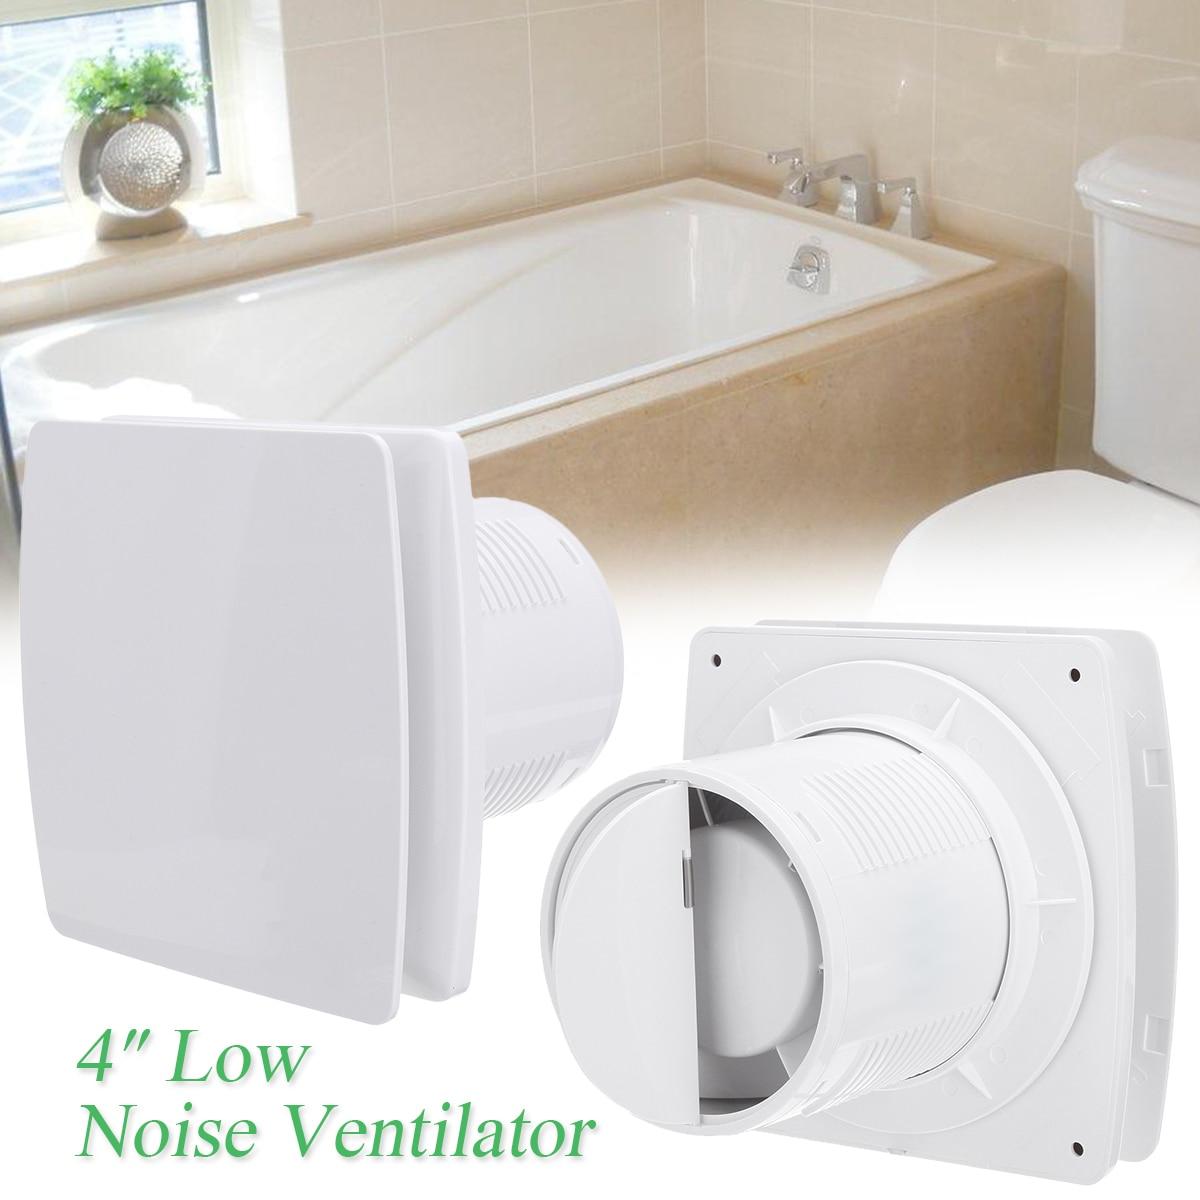 12 watt 4/6 zoll Home Bad Küche Schlafzimmer ToiletLow Noise 220 v Ventilator de techo Fan Hotel Wand Stille Extractor auspuff Fan